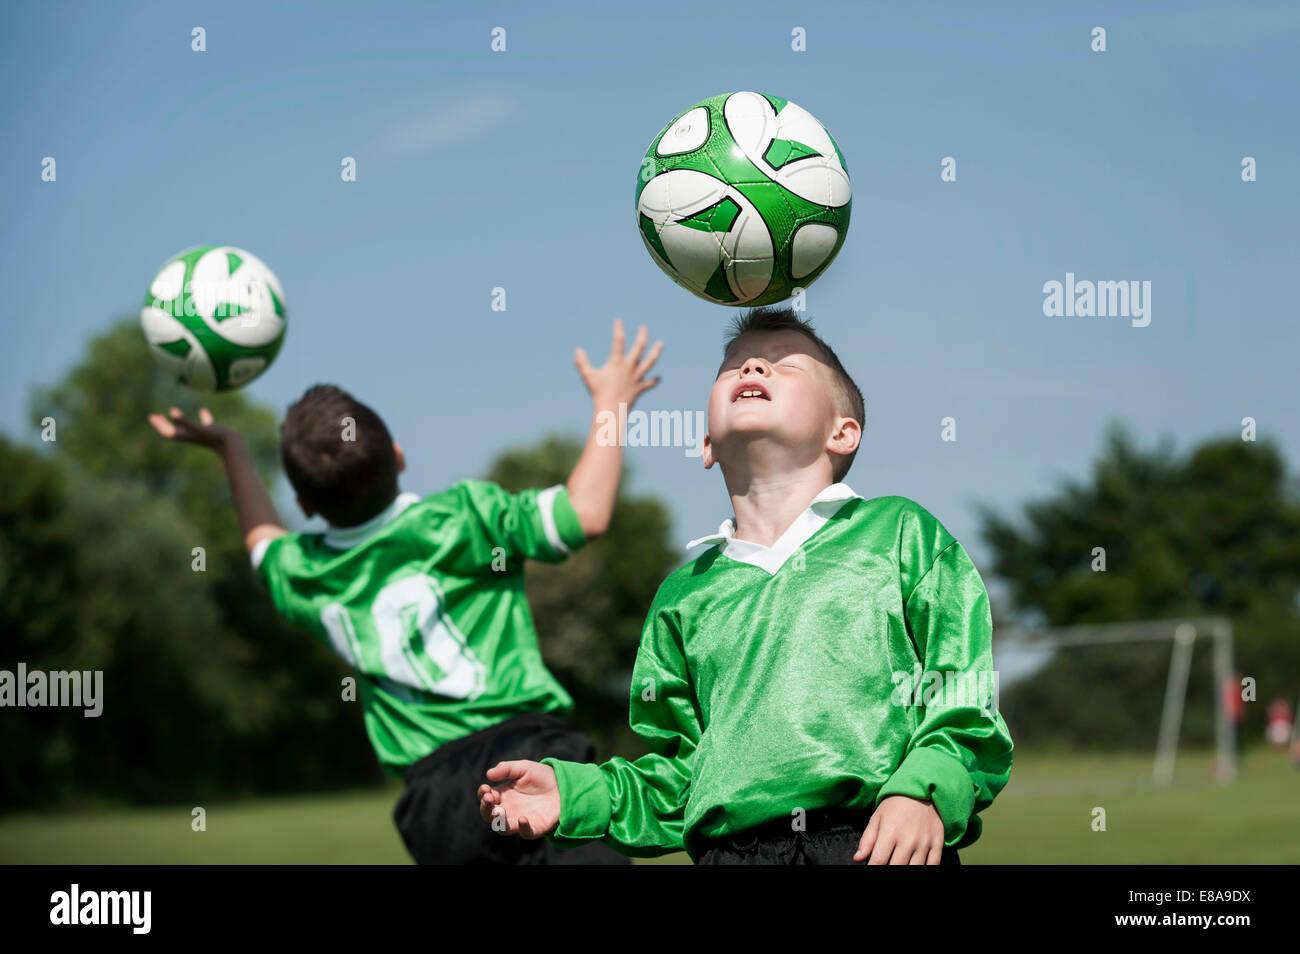 Zwei junge Fußballer lernen Kugel Steuern Stockbild